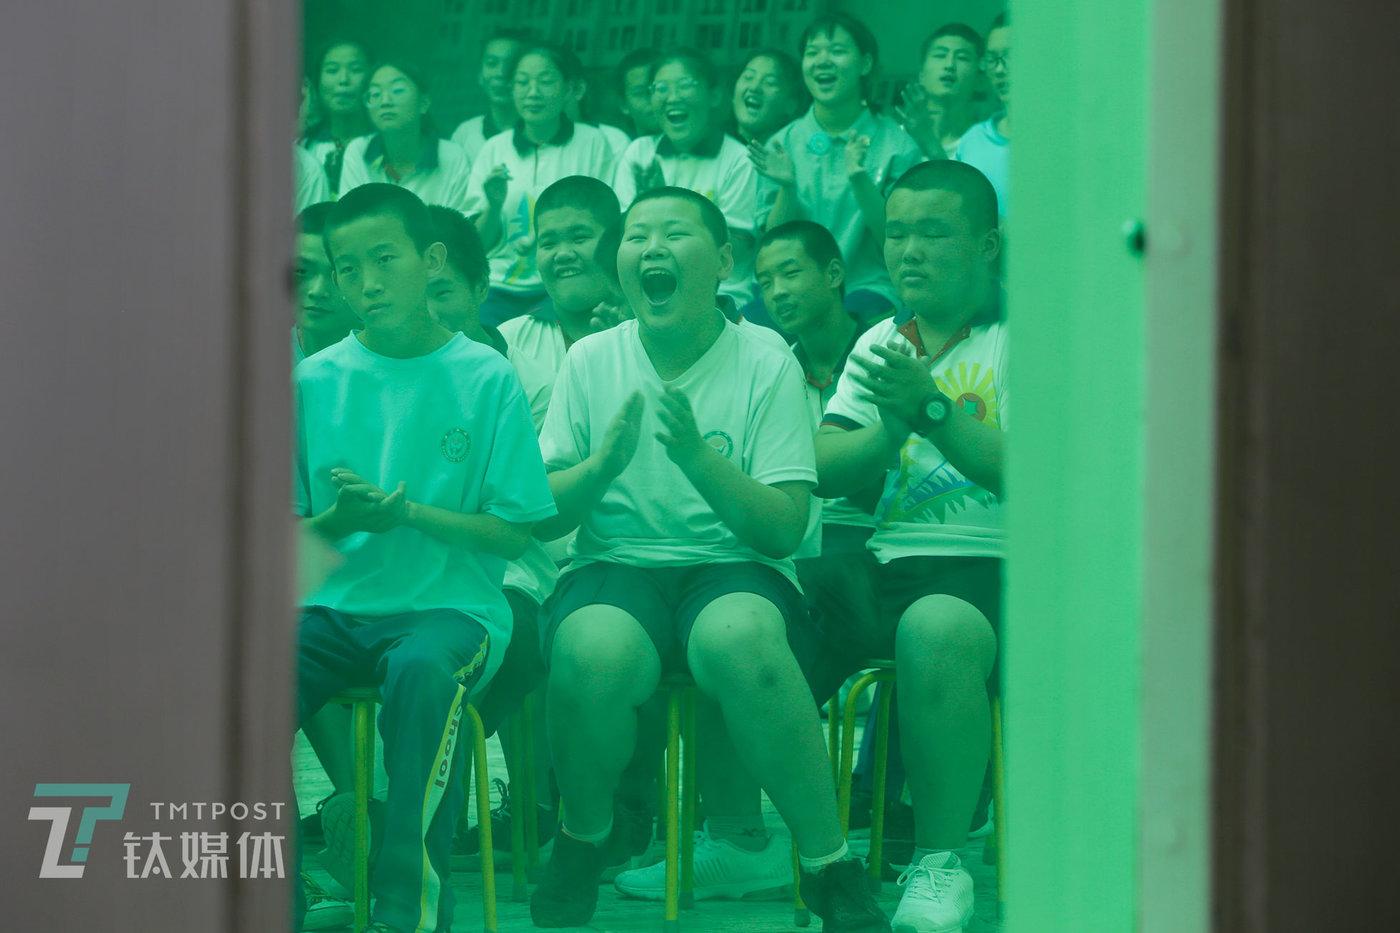 2019年7月4日,北京市大兴区,蒲公英中学校园内,志愿者带来的相声表演引得学生们哈哈大笑。